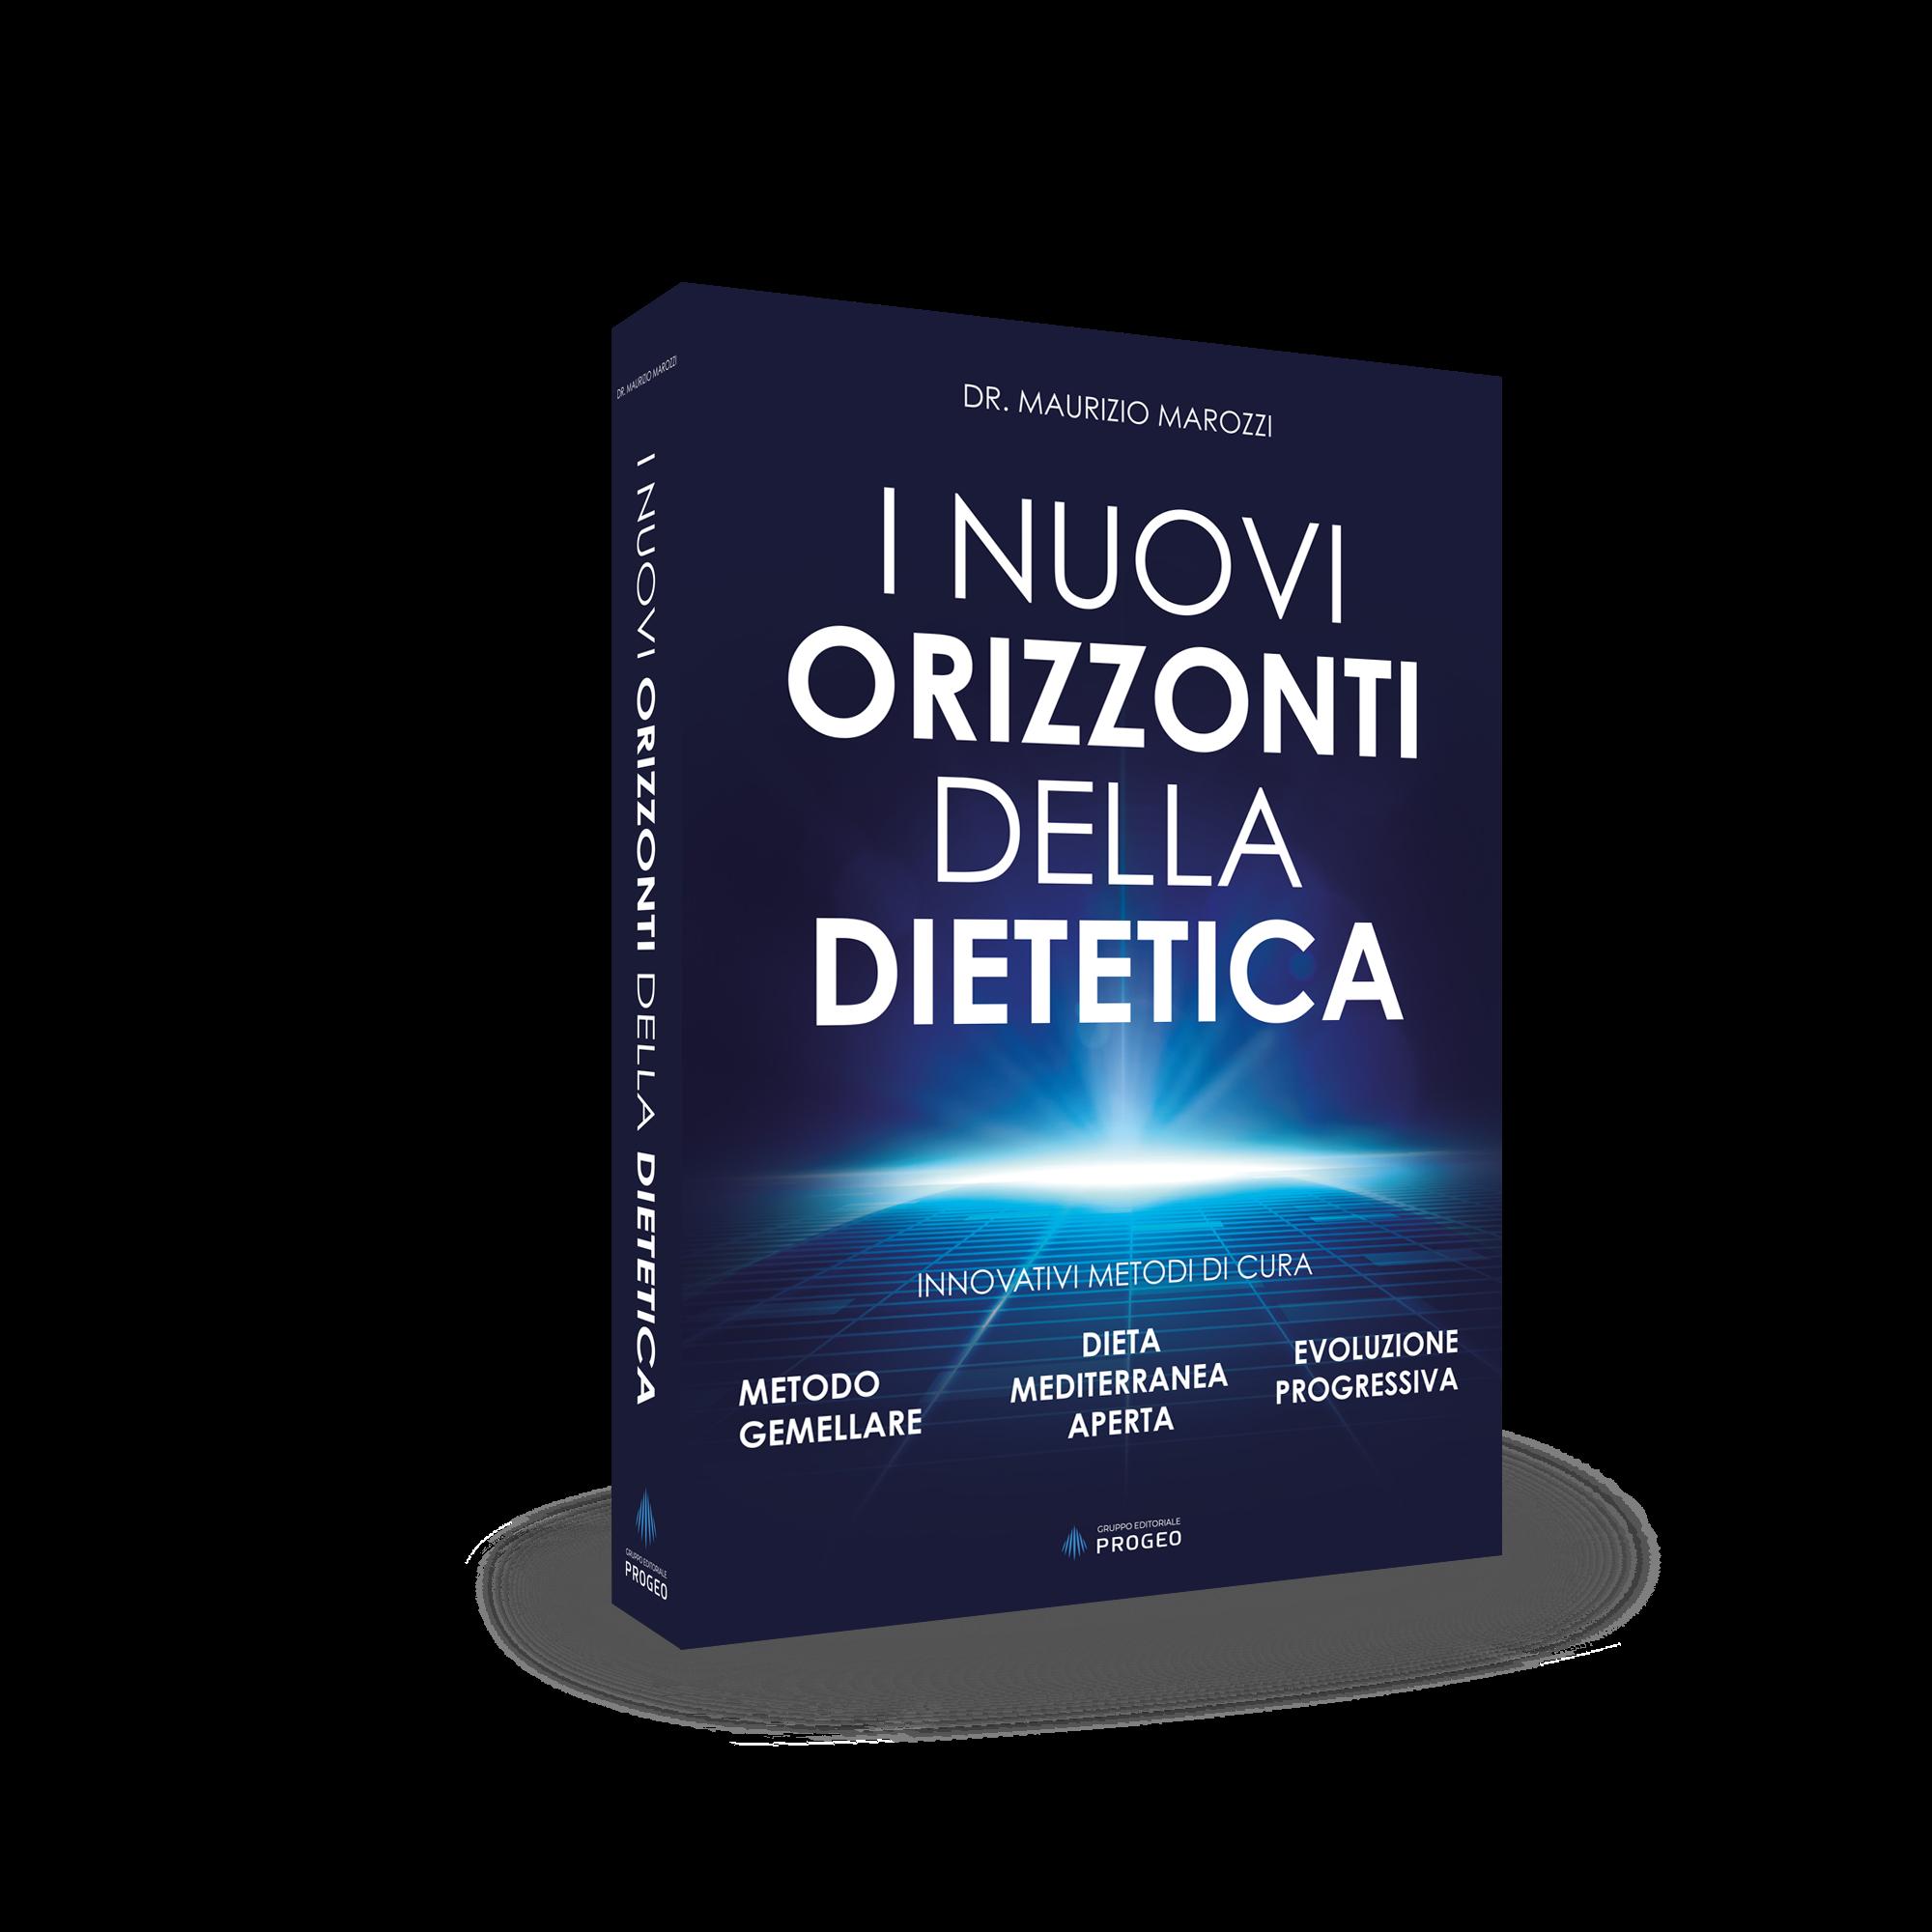 I nuovi orizzonti della dietetica - Dr. Maurizio Marozzi